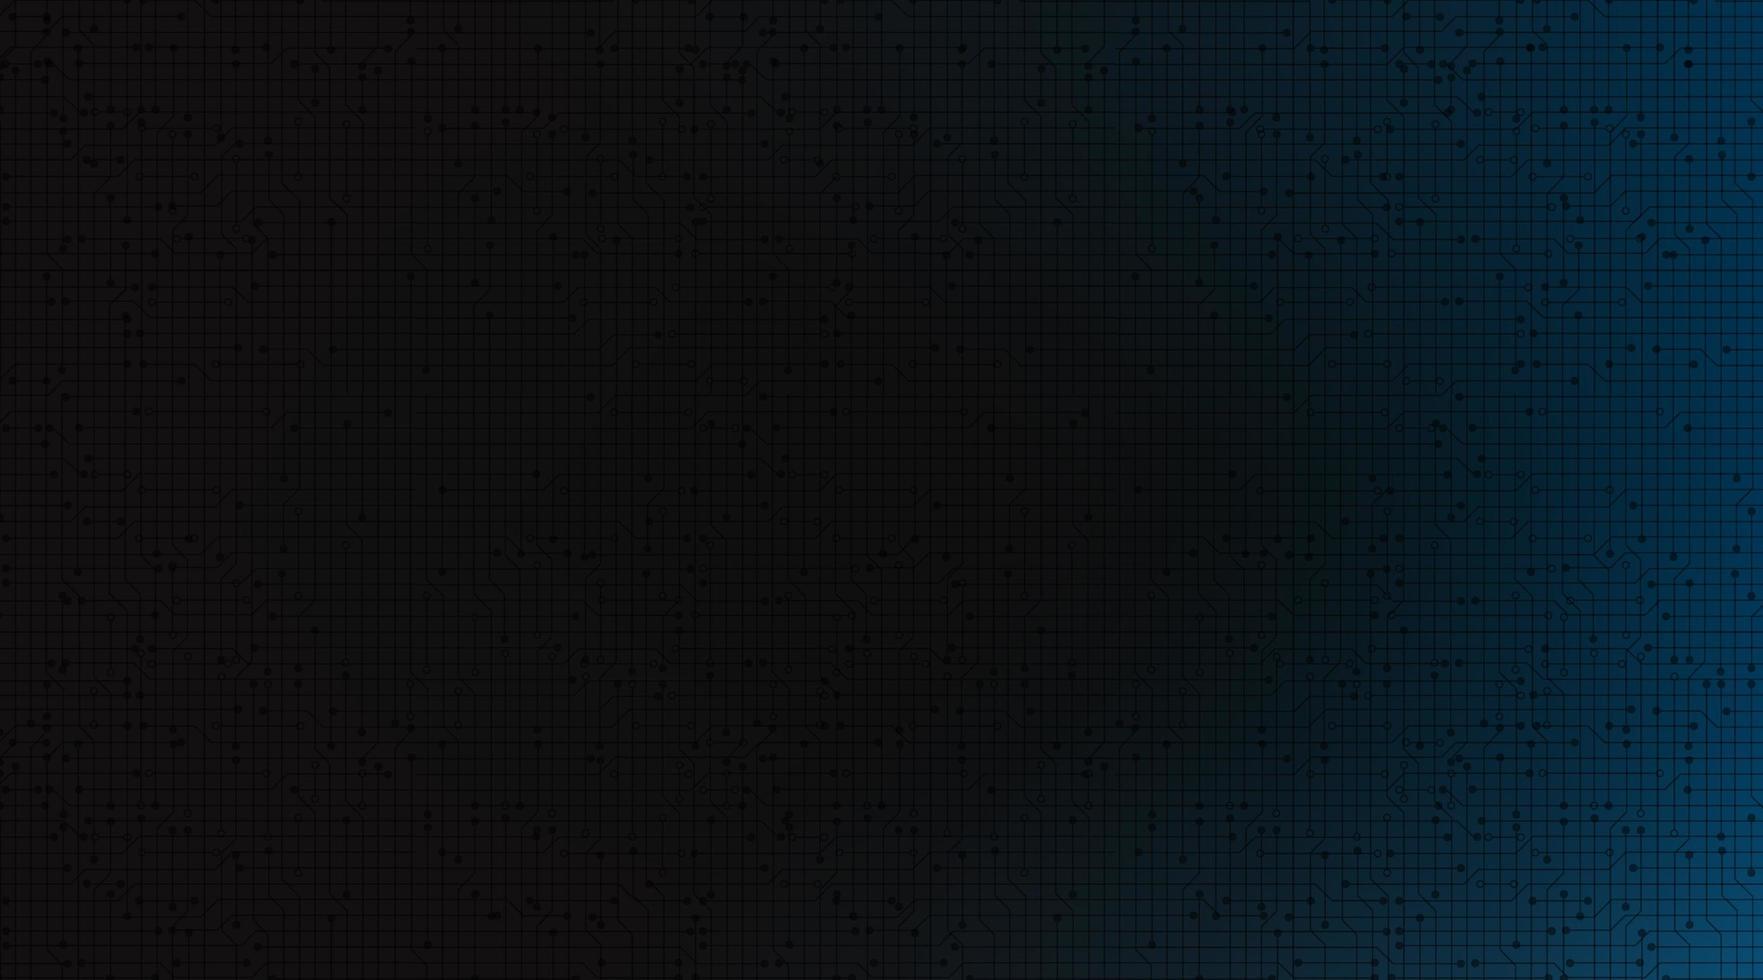 donkerblauwe technologieachtergrond, hi-tech digitaal en communicatieconceptontwerp, vrije ruimte voor ingevoerde tekst, vectorillustratie. vector